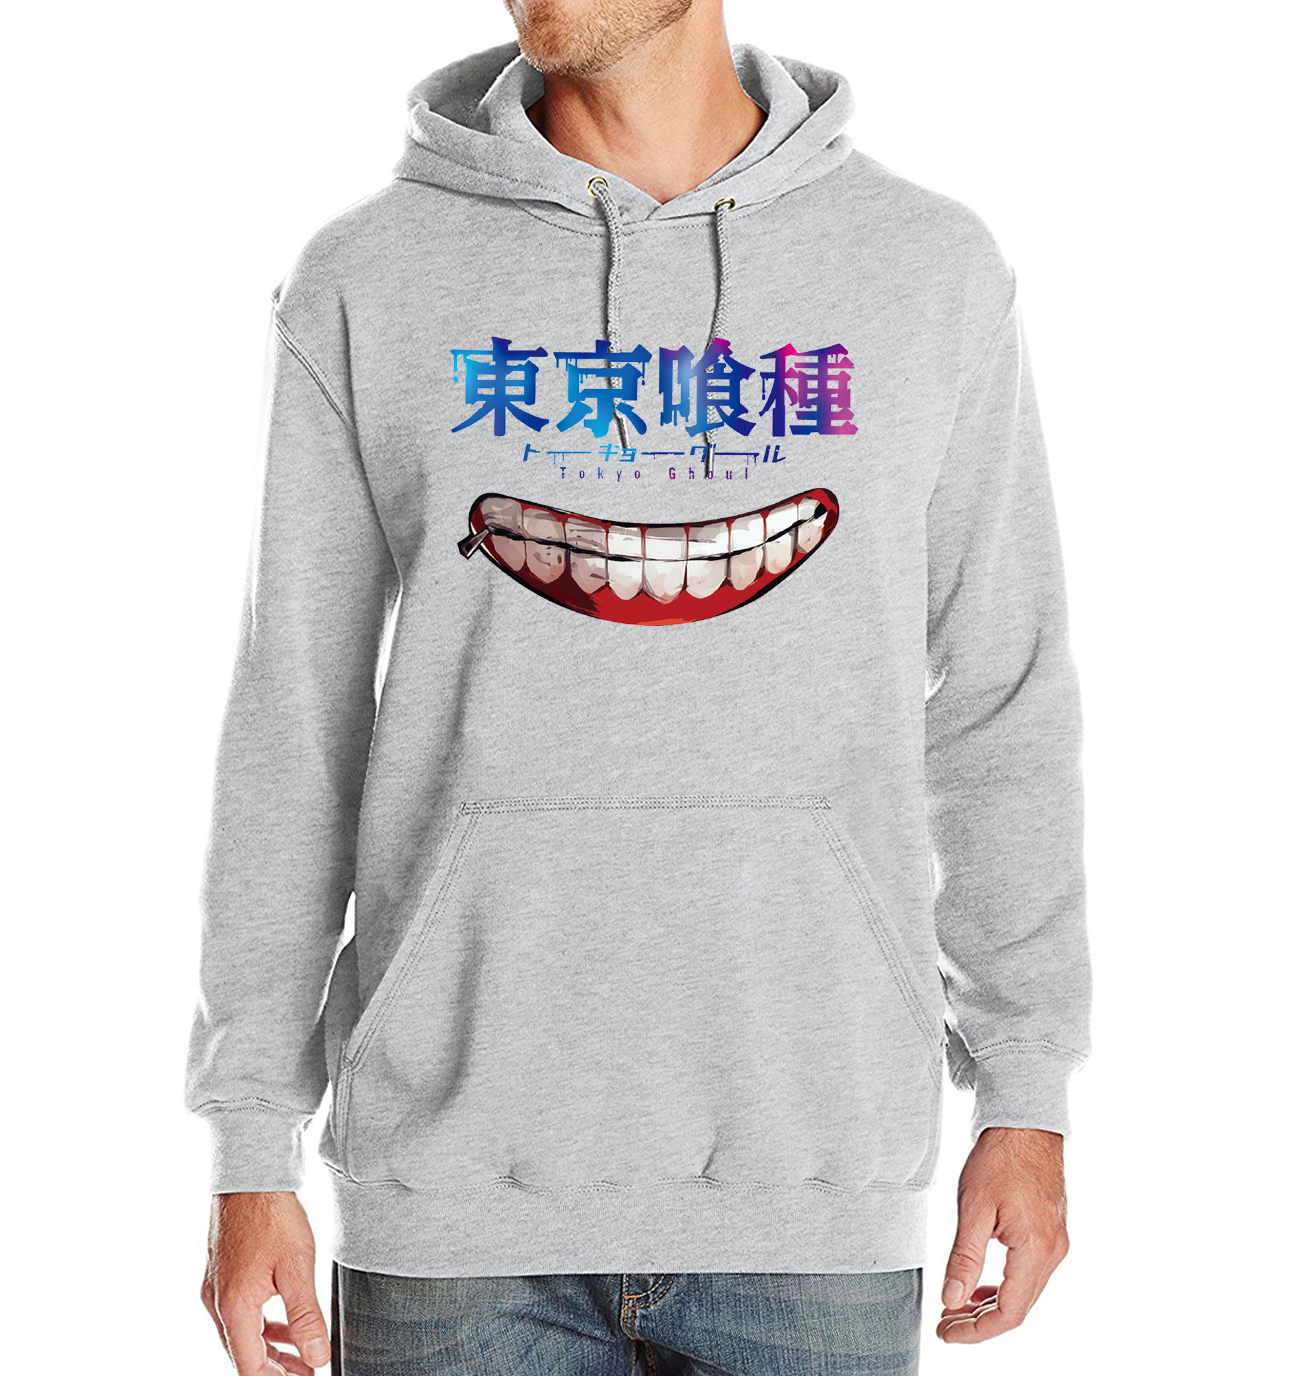 New Hot Sale Mens Hoodies 2017 Spring Winter Sweeatshirts With Hat Pritned Tokyo Ghoul Japan Anime Streetwear Hip Hop Hoody Kpop